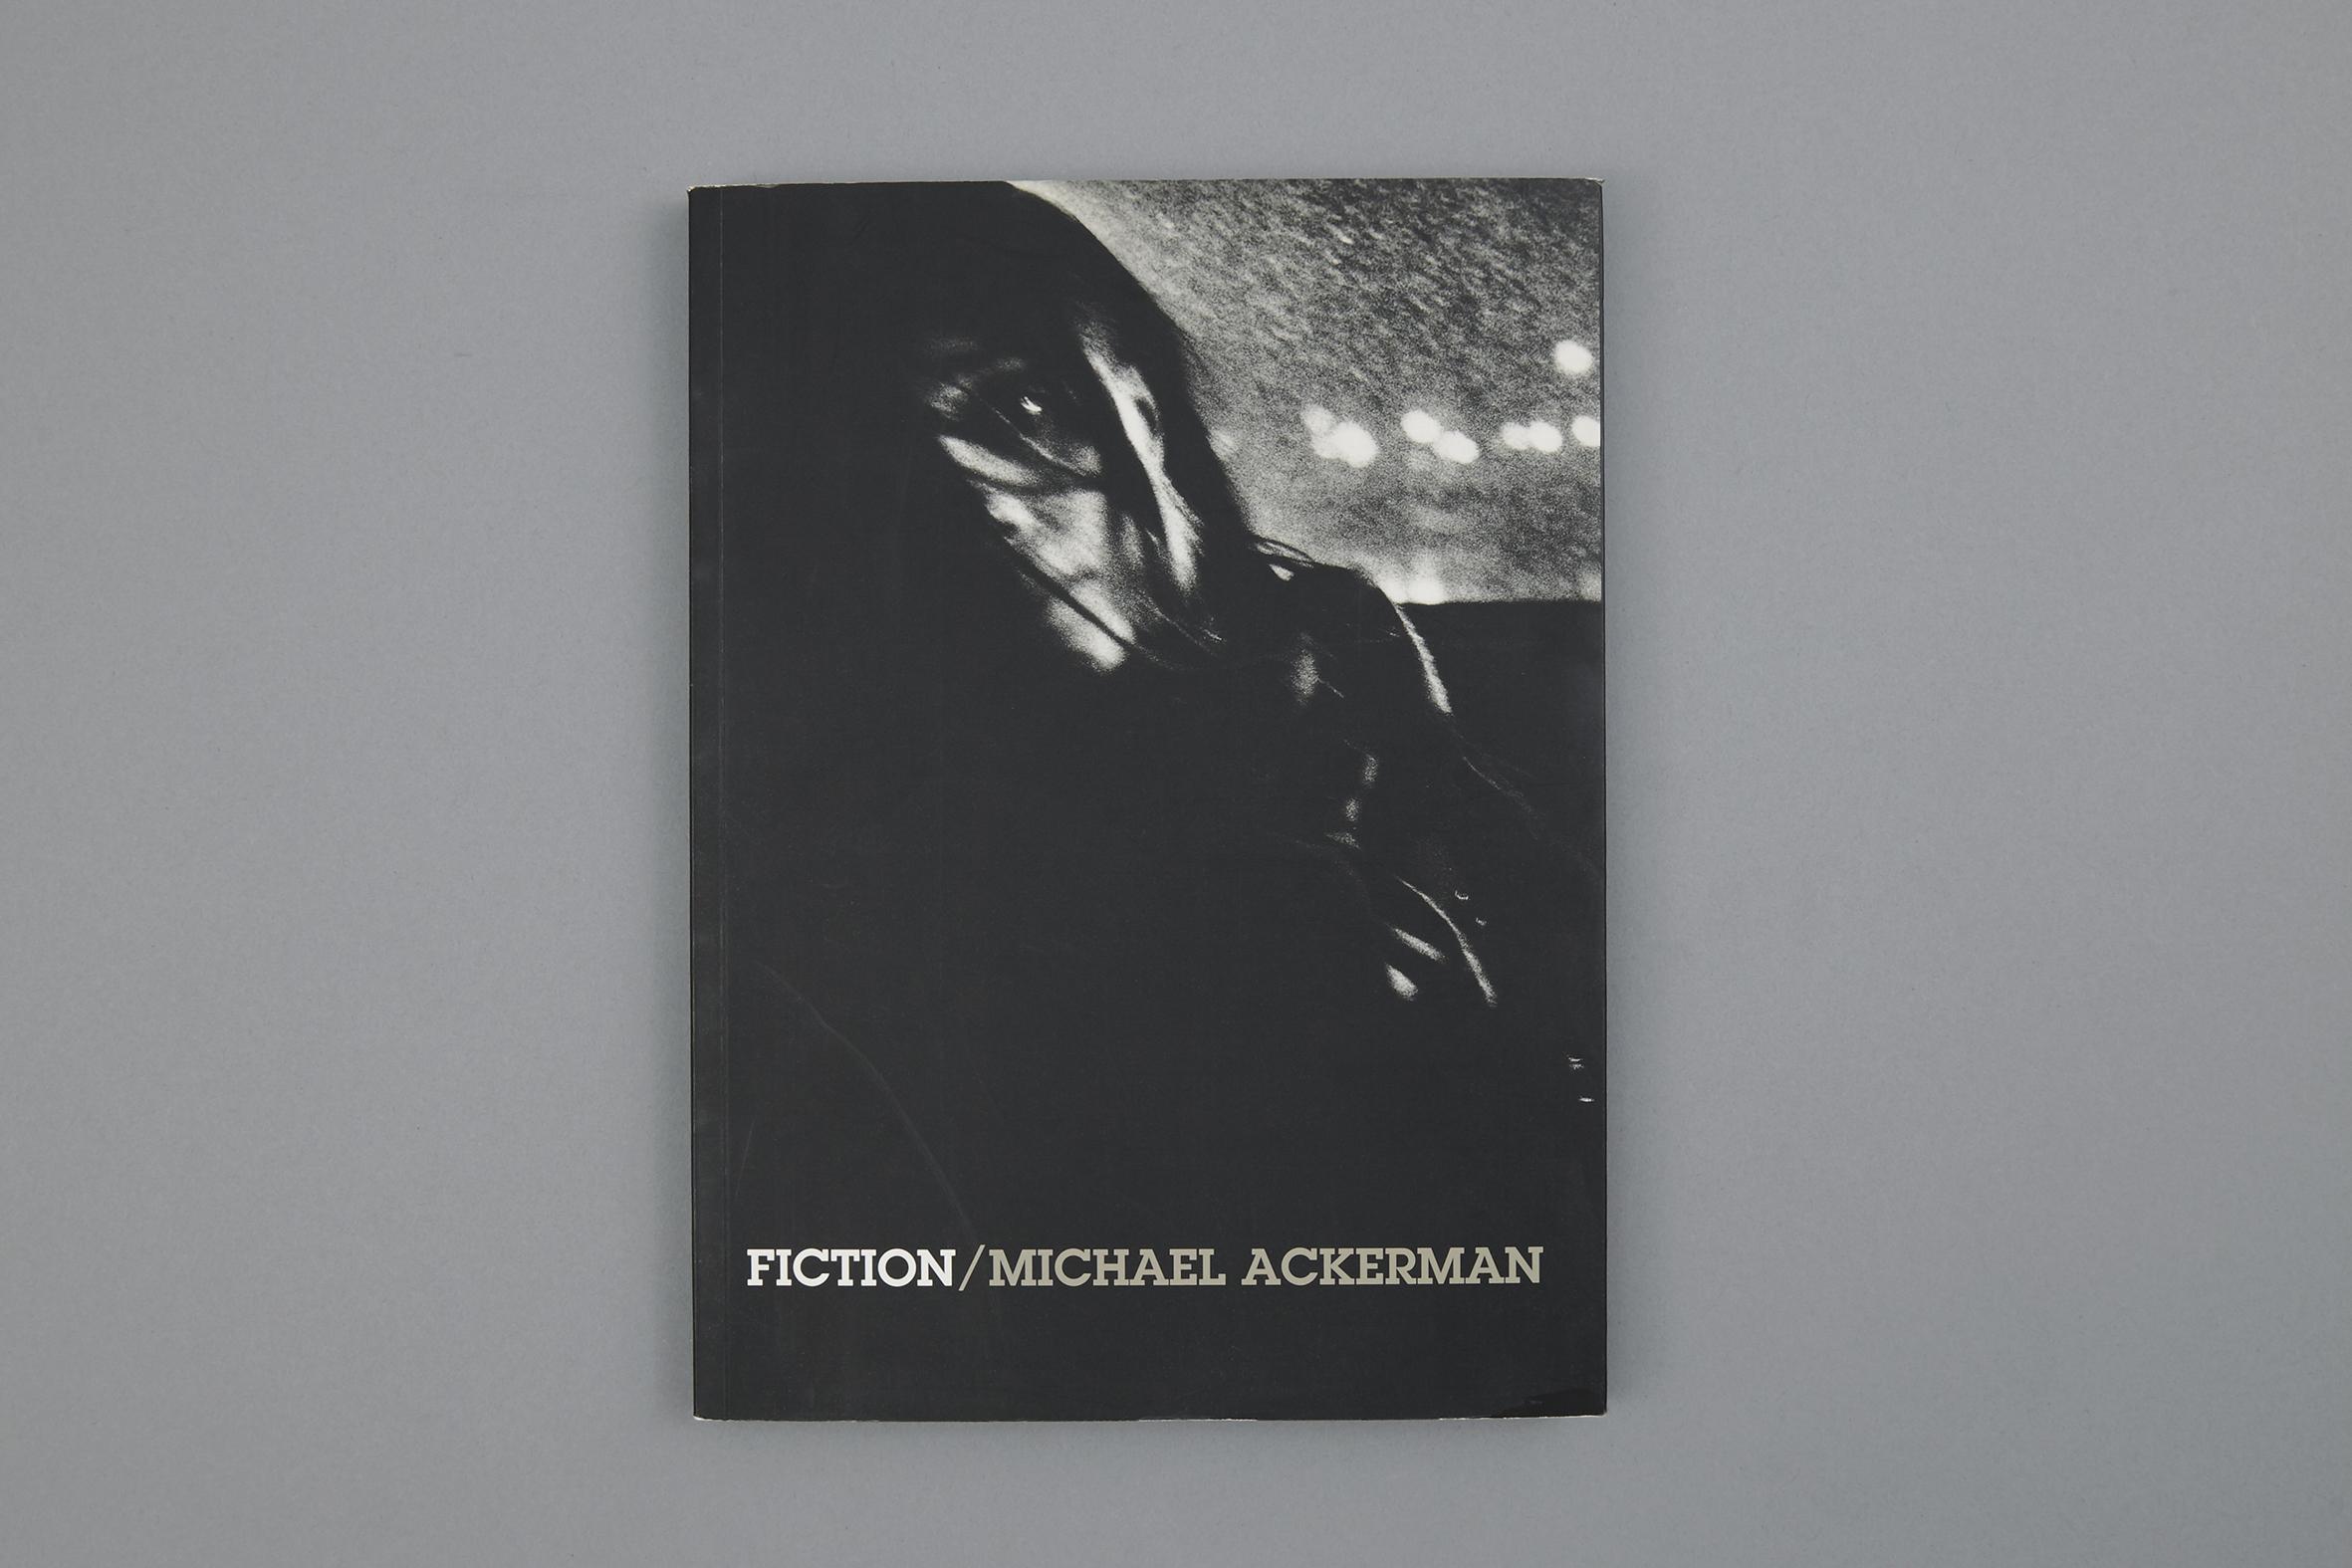 delpire-ACKERMAN-michael-fiction-001couverture